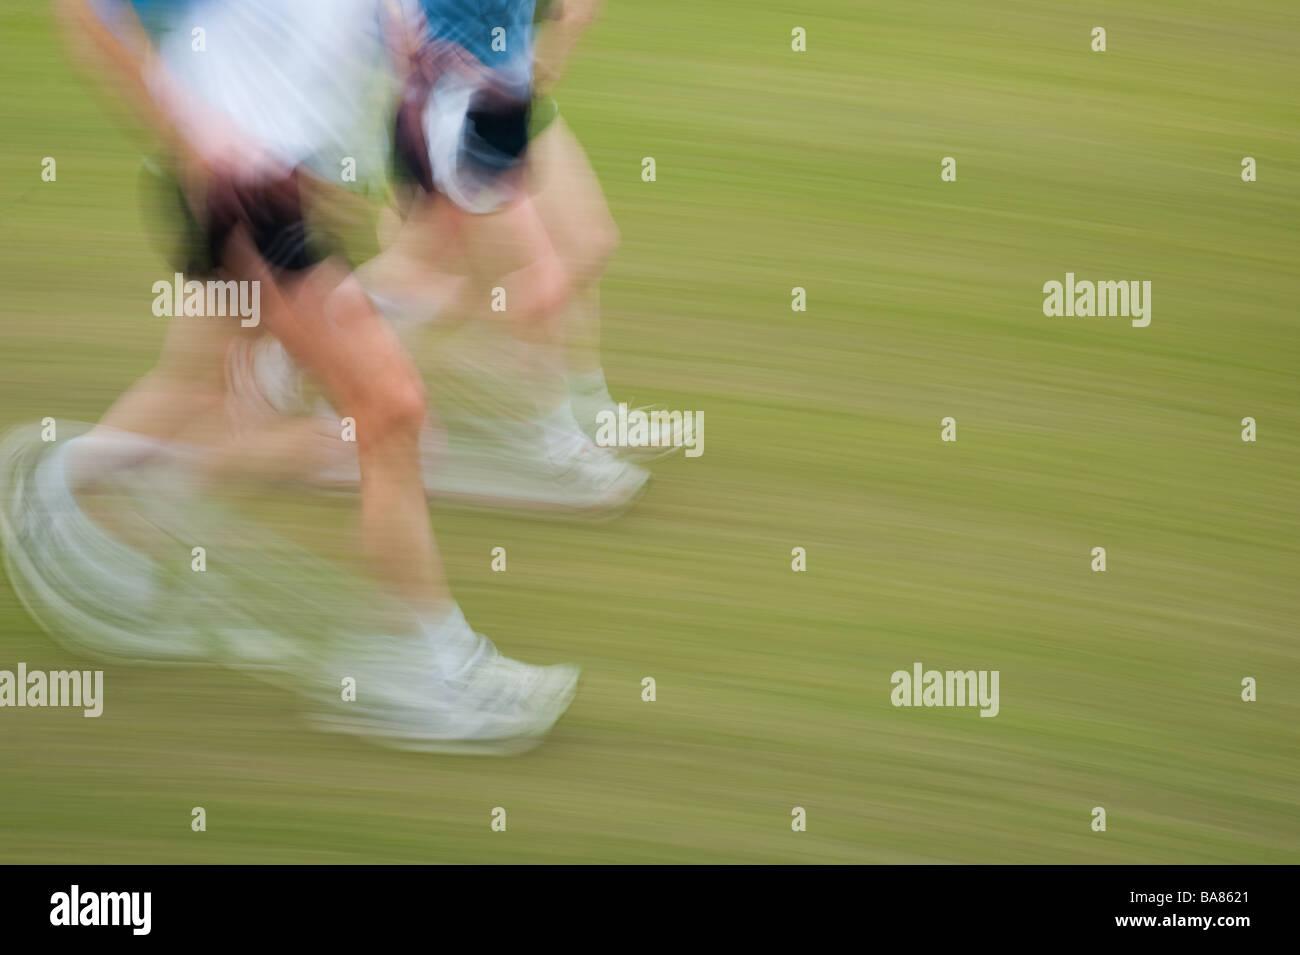 Motion Blur immagine di due persone in esecuzione jogging esercizio Immagini Stock